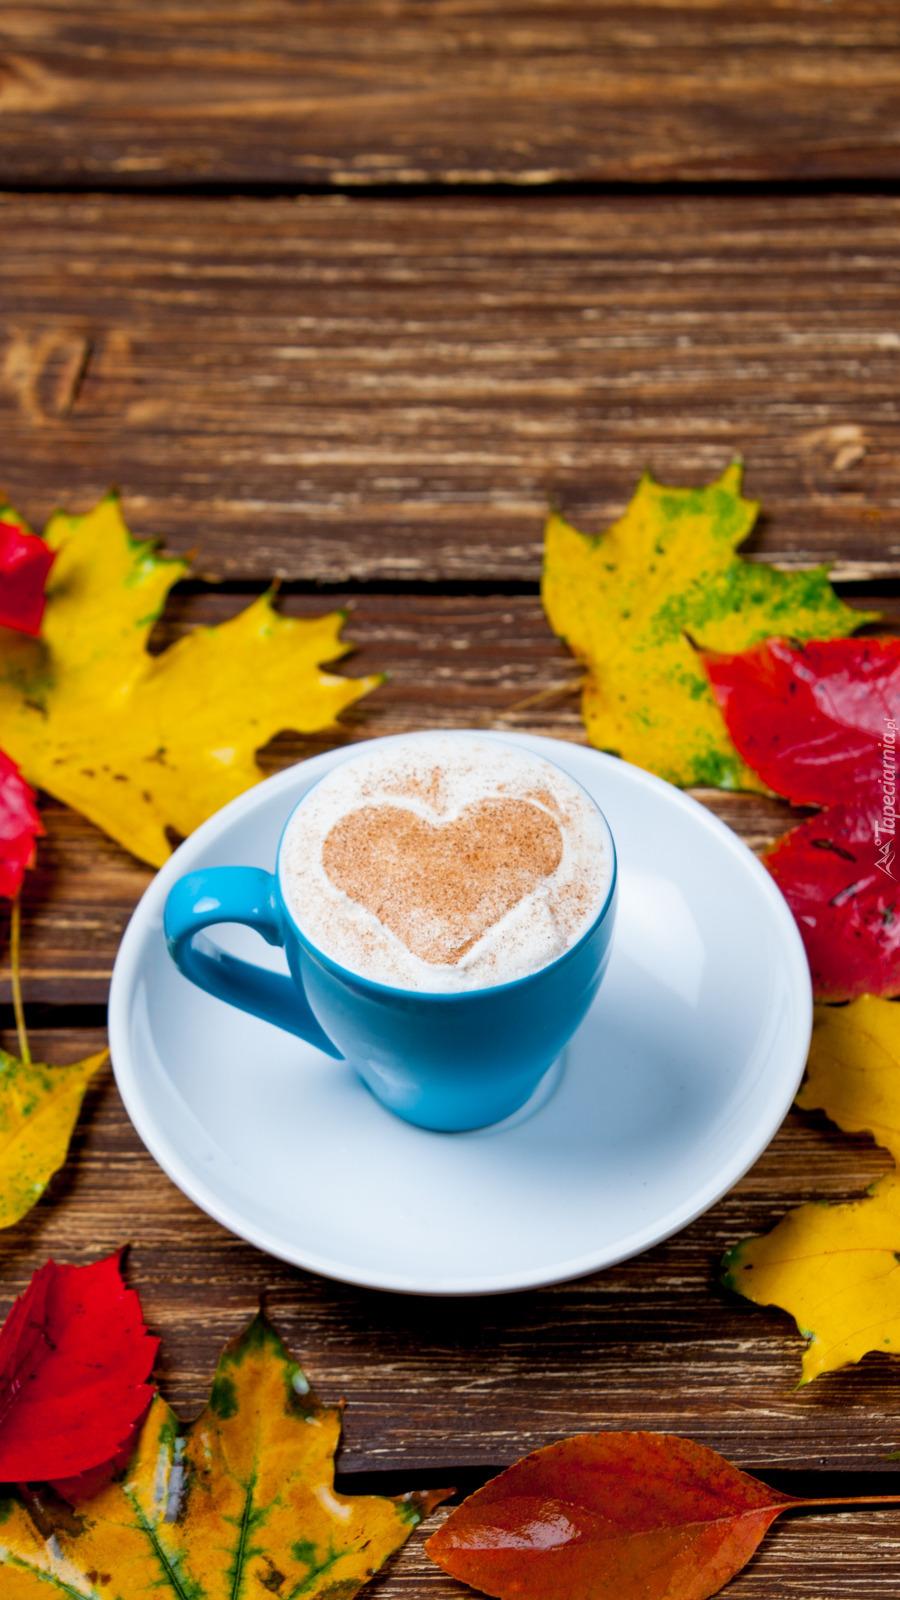 Kolorowe liście klonu obok filiżanki z kawą